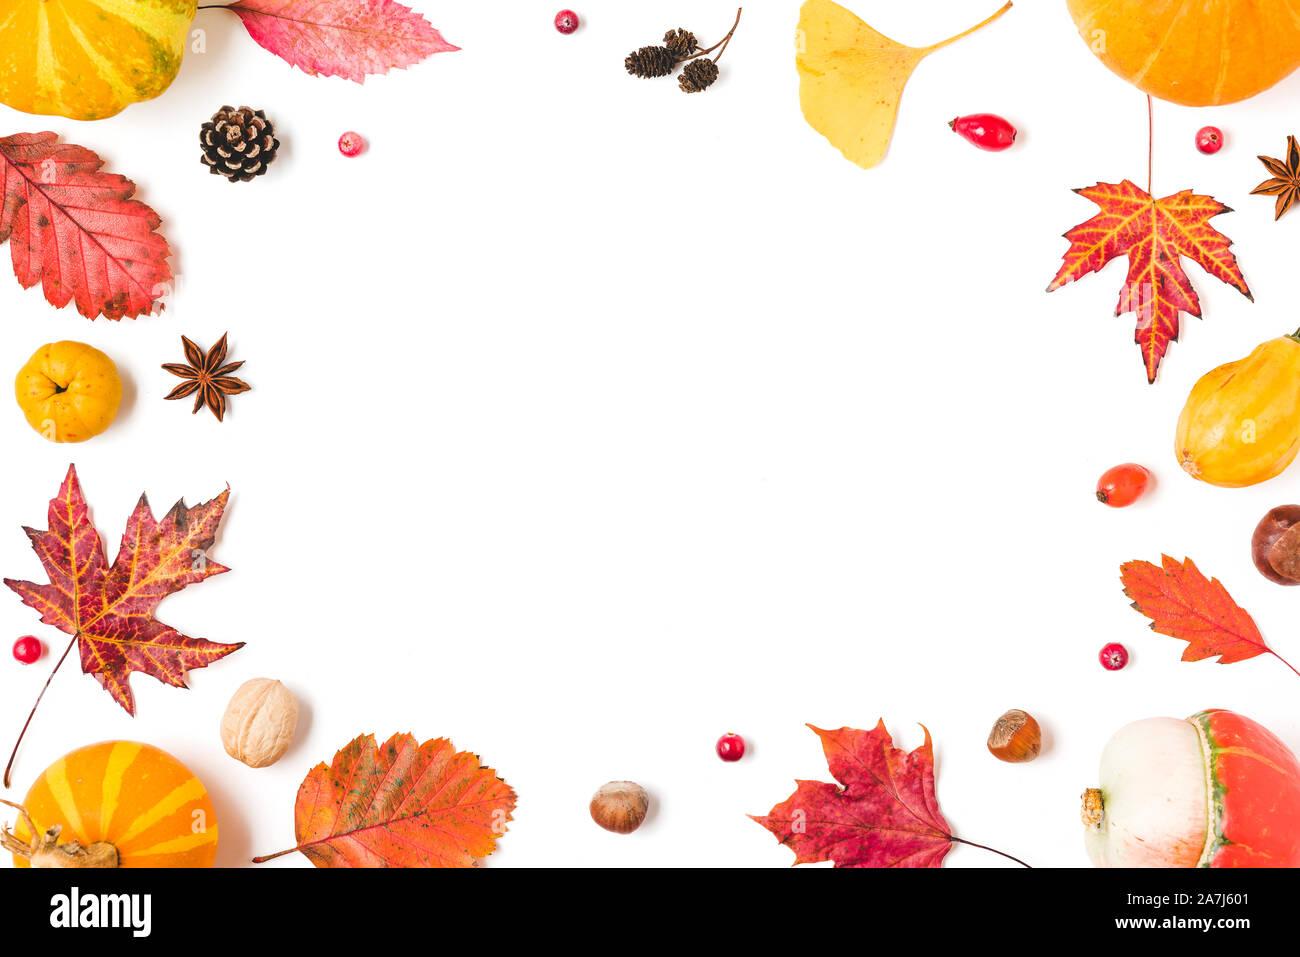 Herbst Komposition. Rahmen aus Herbstlaub, Kürbisse, Blumen, Beeren, Quitte, Muttern auf weißem Hintergrund. Herbst, Halloween, Thanksgiving Day conce Stockfoto